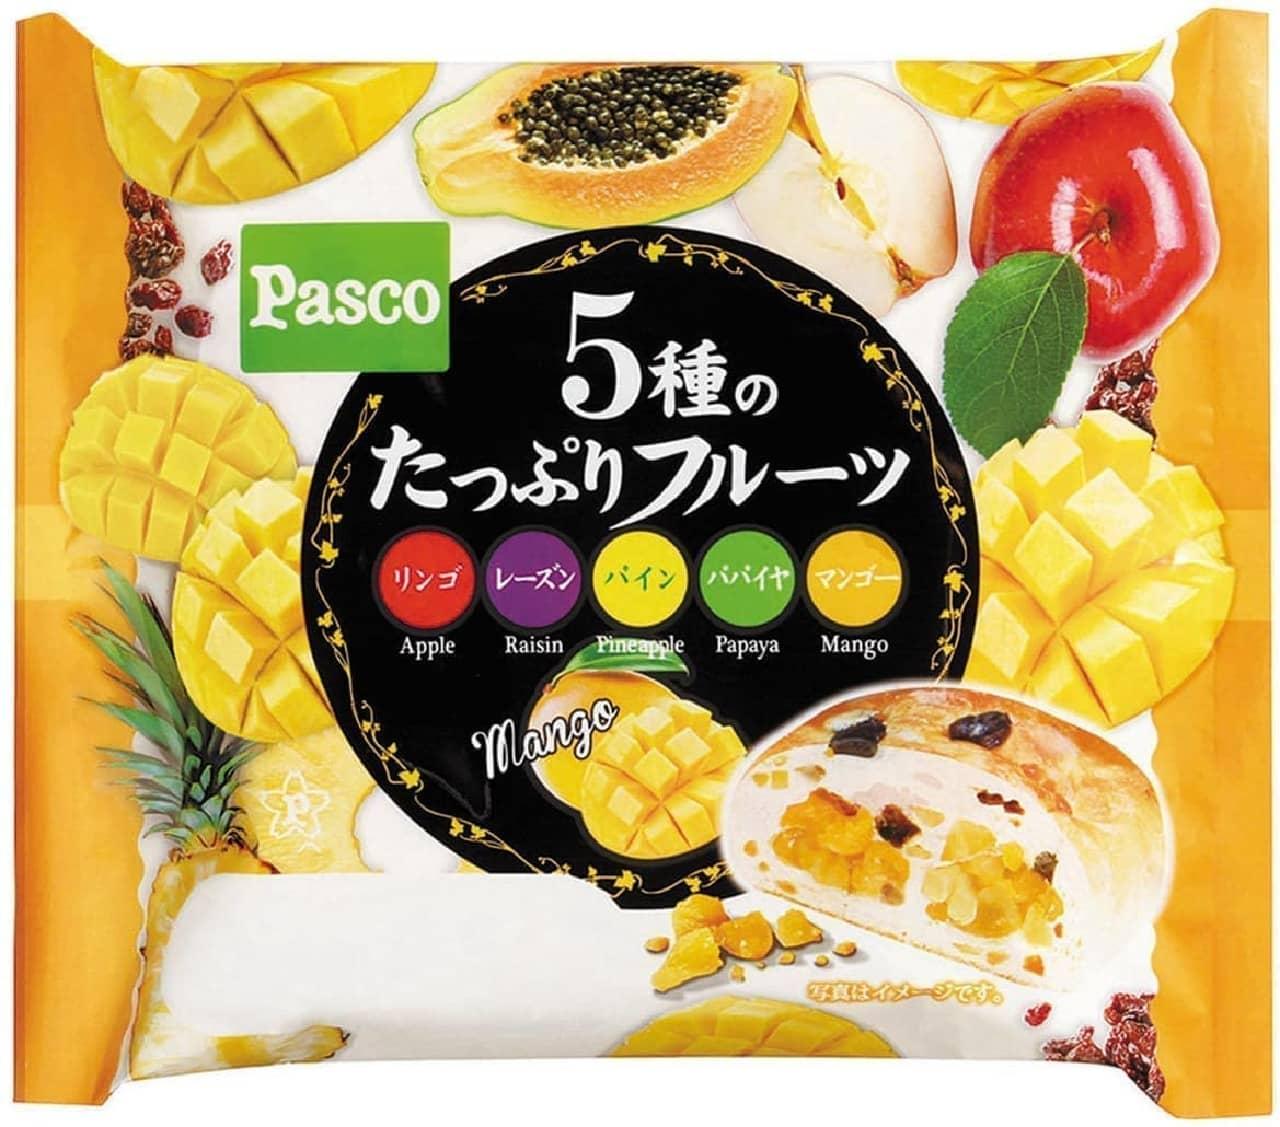 パスコ「5種のたっぷりフルーツ(リンゴ、レーズン、パイン、パパイヤ、マンゴー)」